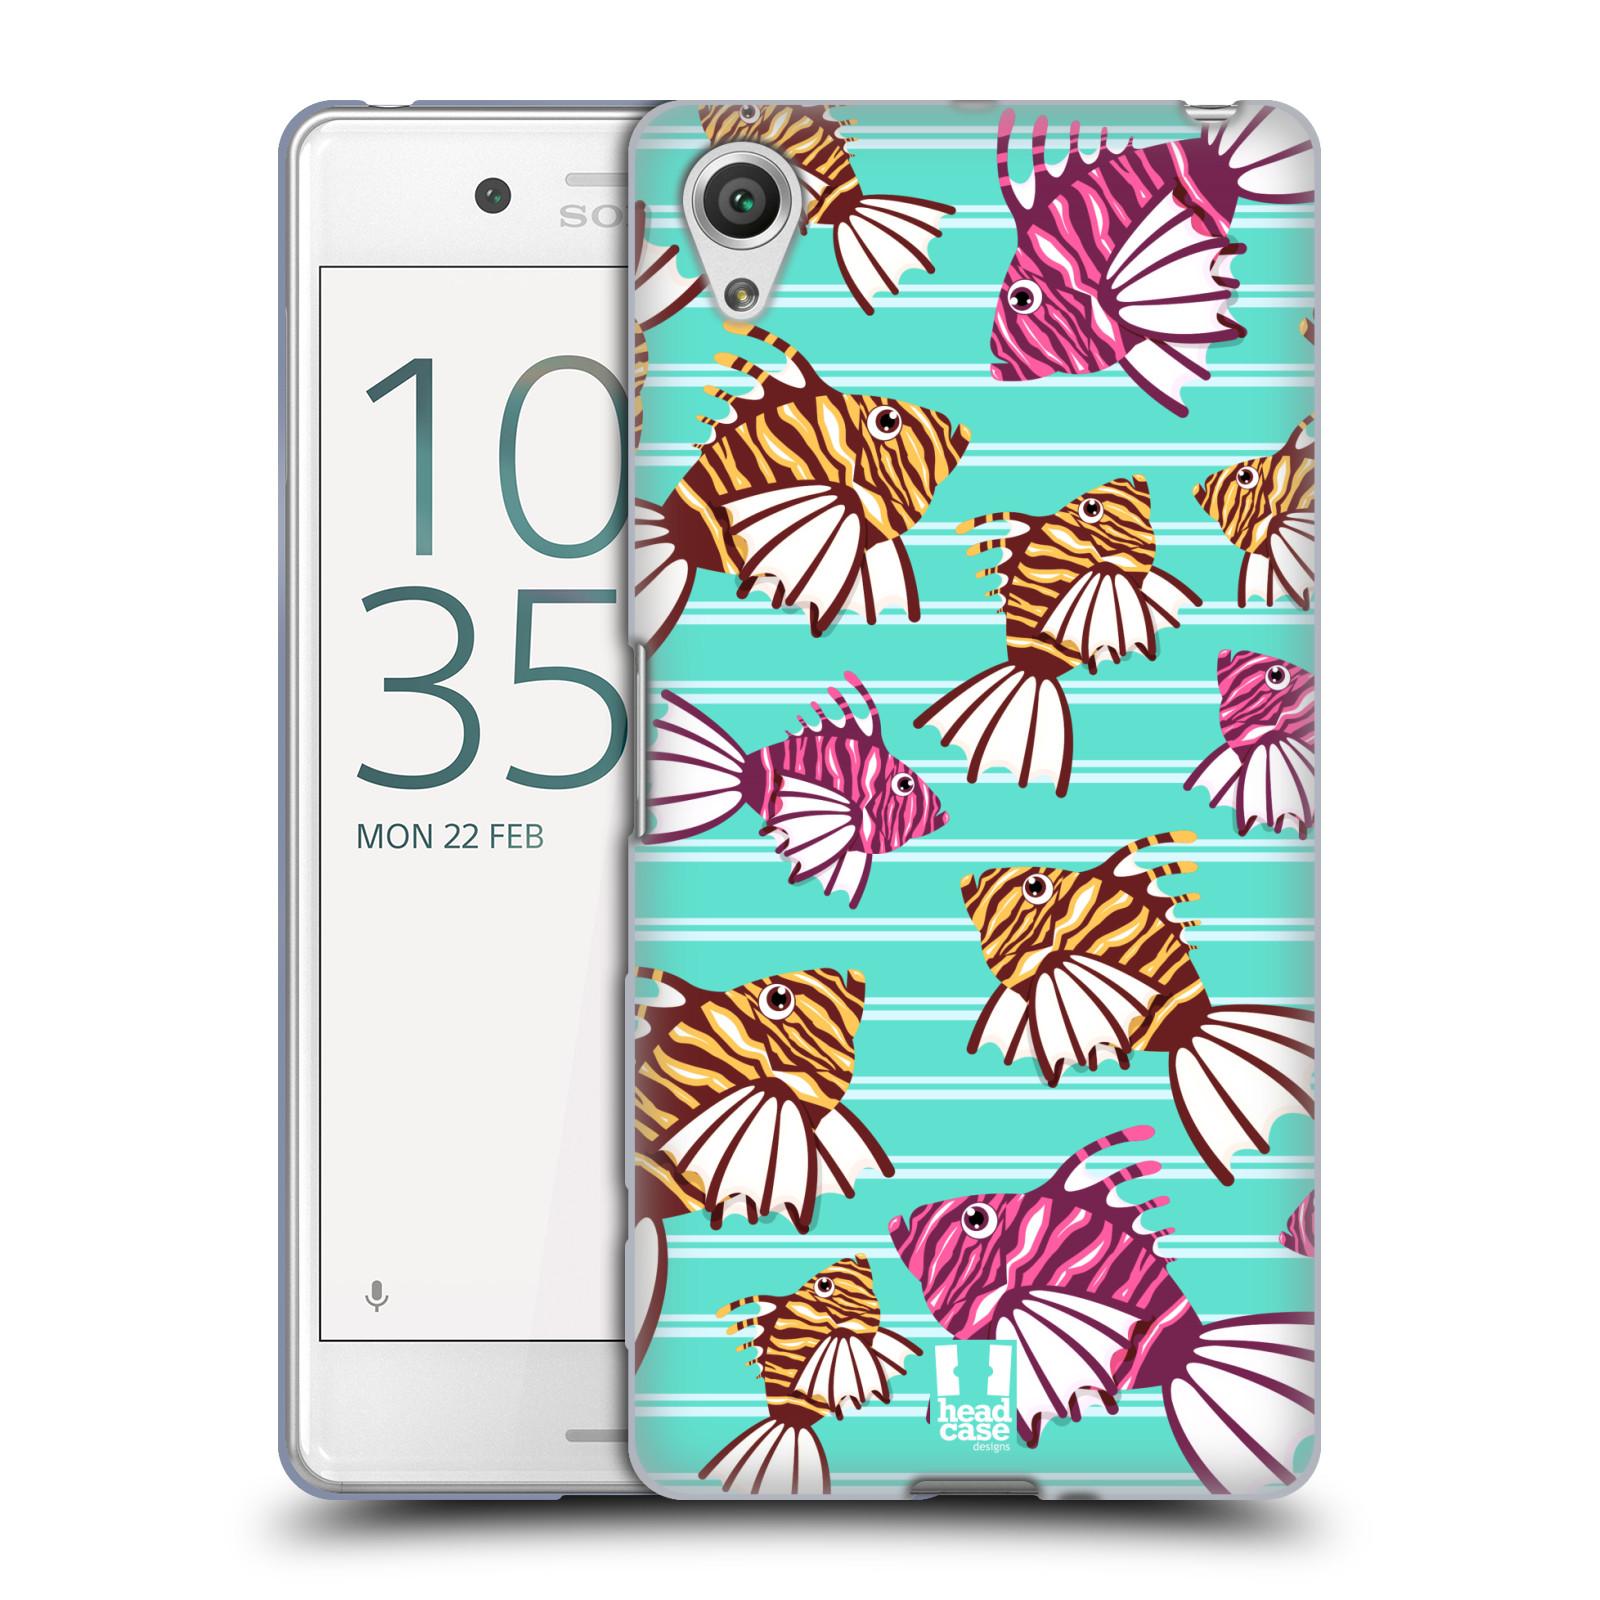 HEAD CASE silikonový obal na mobil Sony Xperia X PERFORMANCE (F8131, F8132) vzor mořský živočich ryba